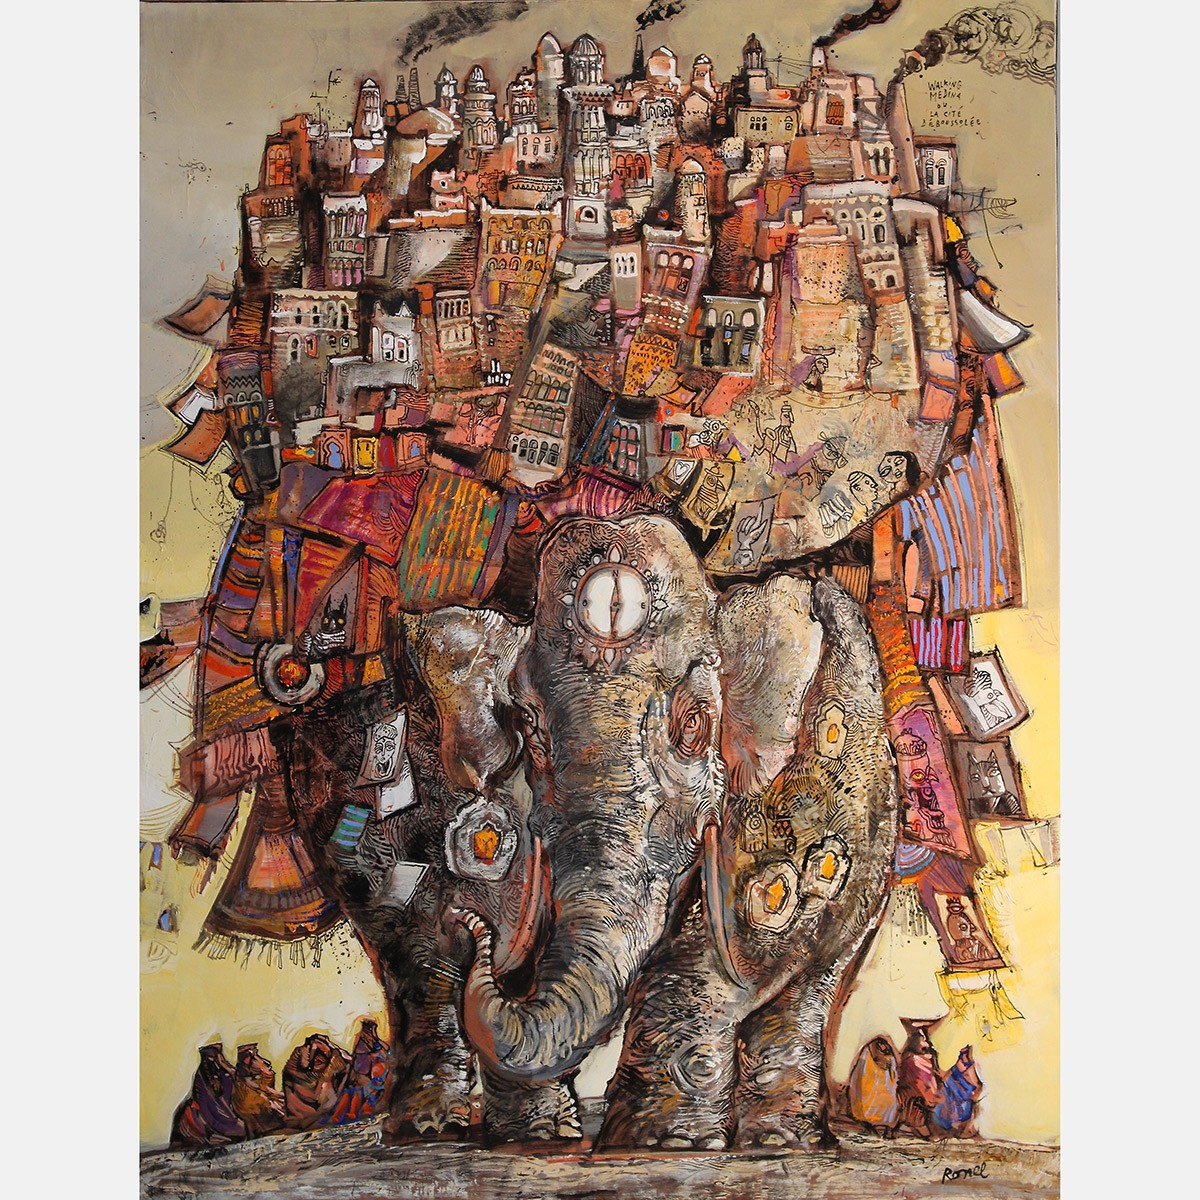 Walking Medina ou La cité déboussolée 116 x 89 cm - 2015